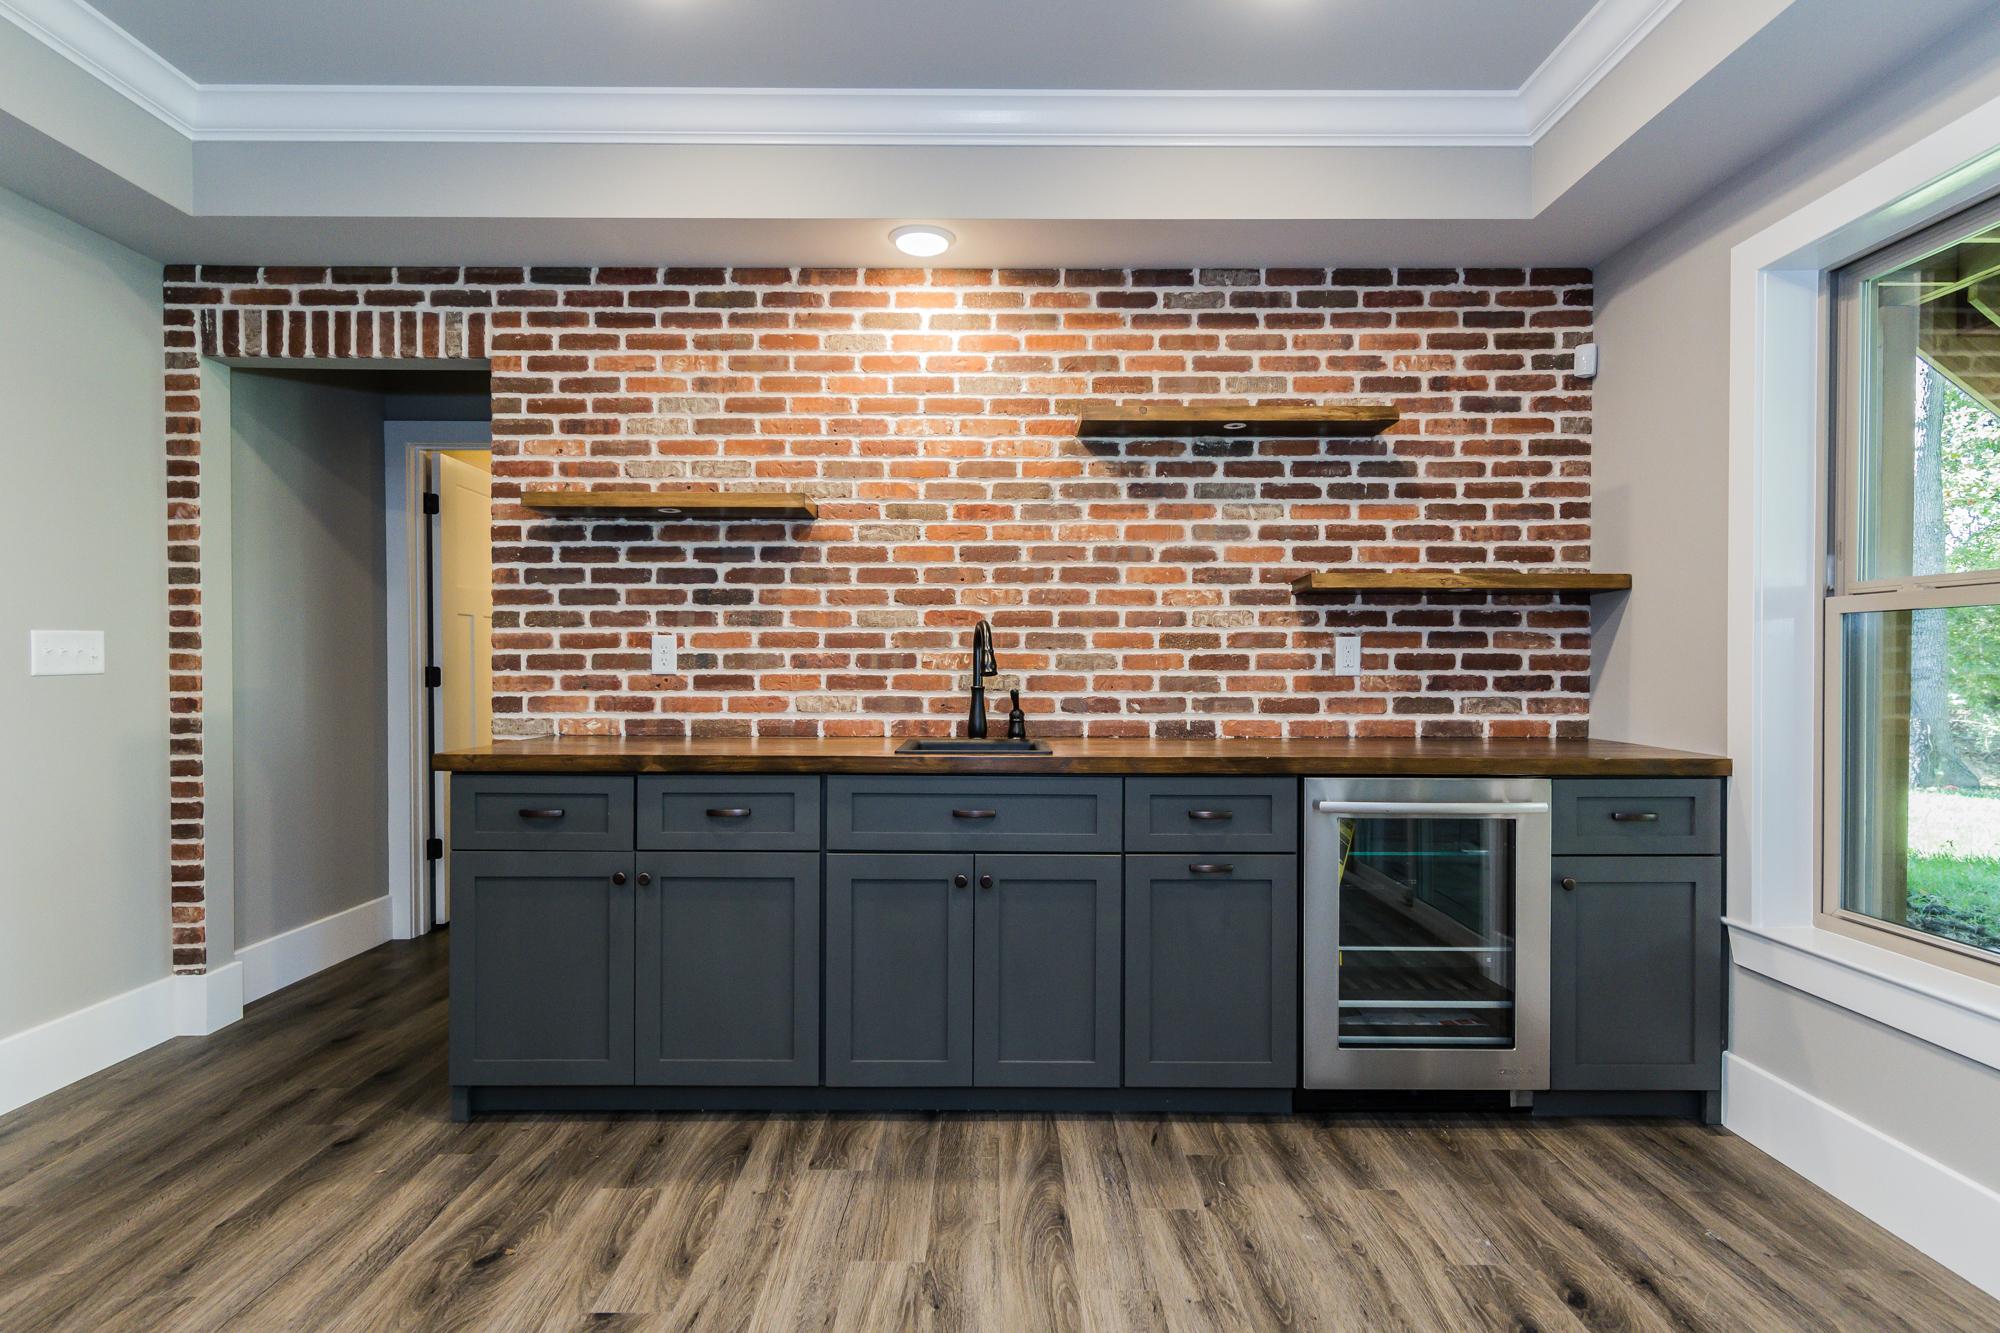 2-Scott-AFB-Real-Estate-For-Sale-O'Fallon-Illinois-62269-43.jpg